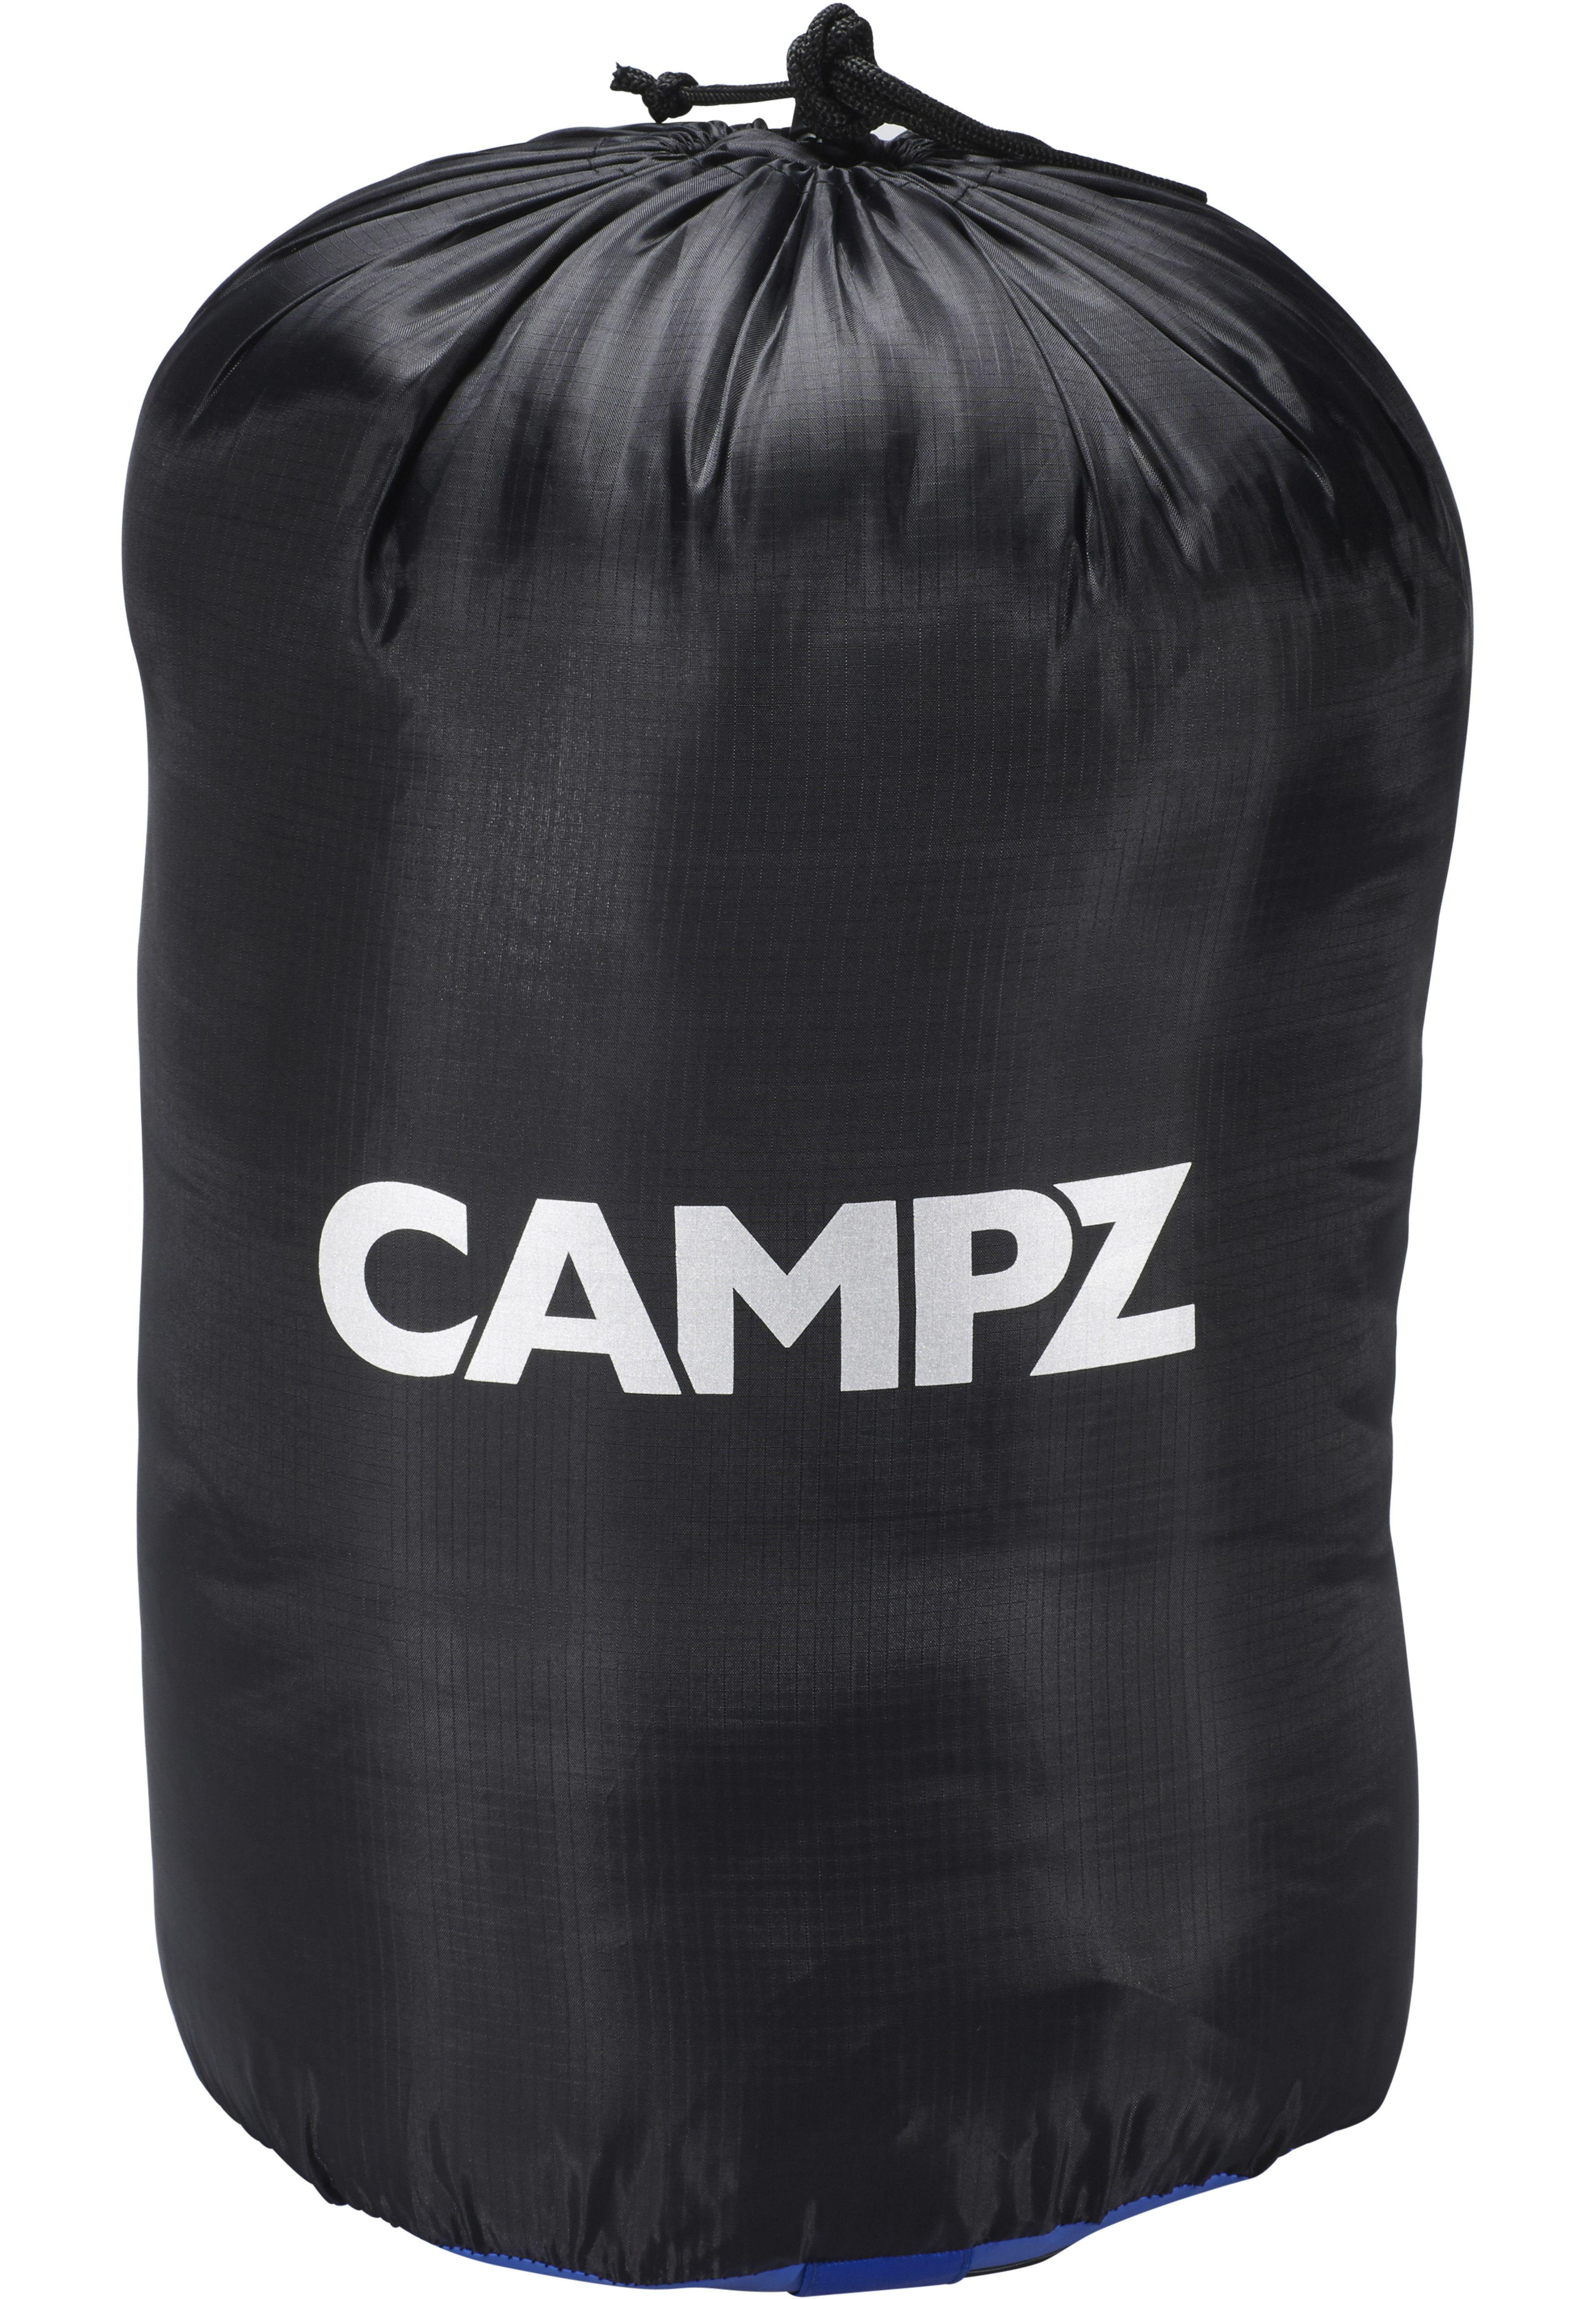 CAMPZ Desert Pro 300 Sac de couchage bleu noir sur CAMPZ